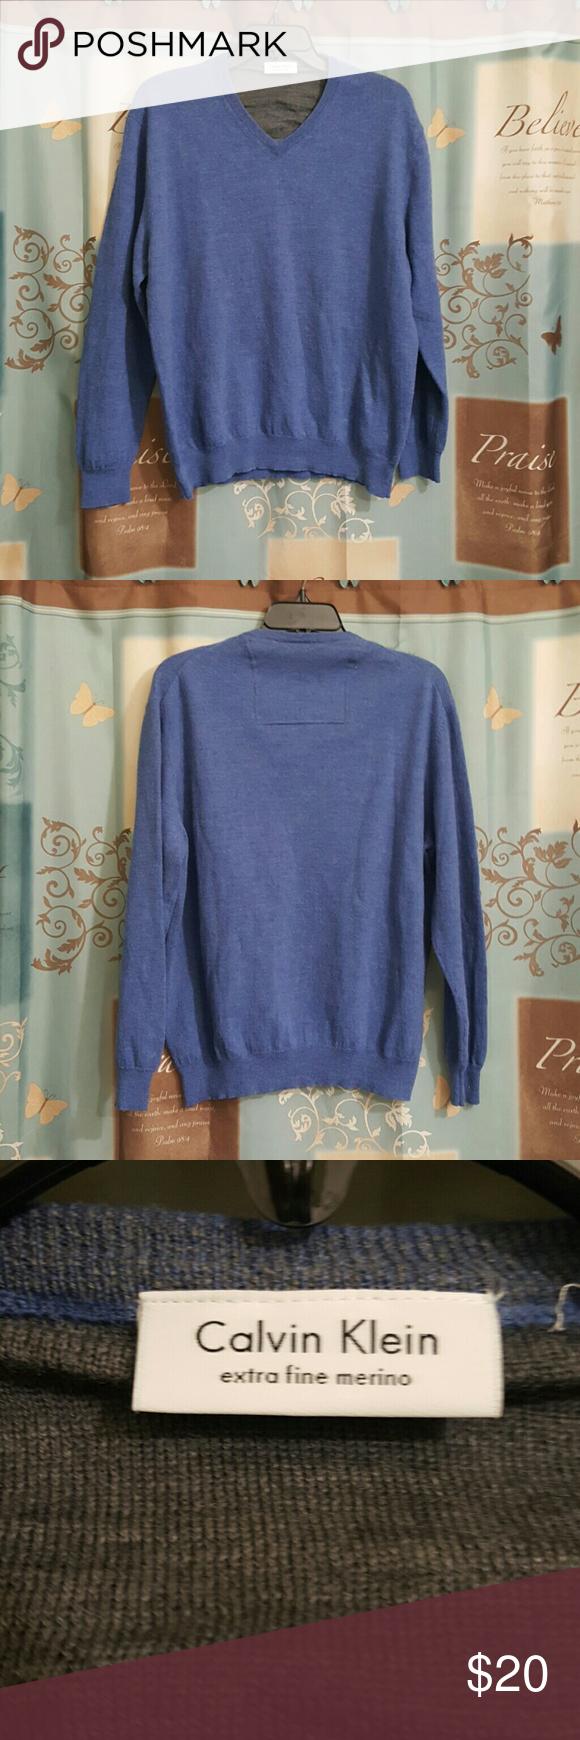 Calvin Klein blue sweater Calvin Klein blue sweater.   100% Merino wool Excellent condition Calvin Klein Sweaters